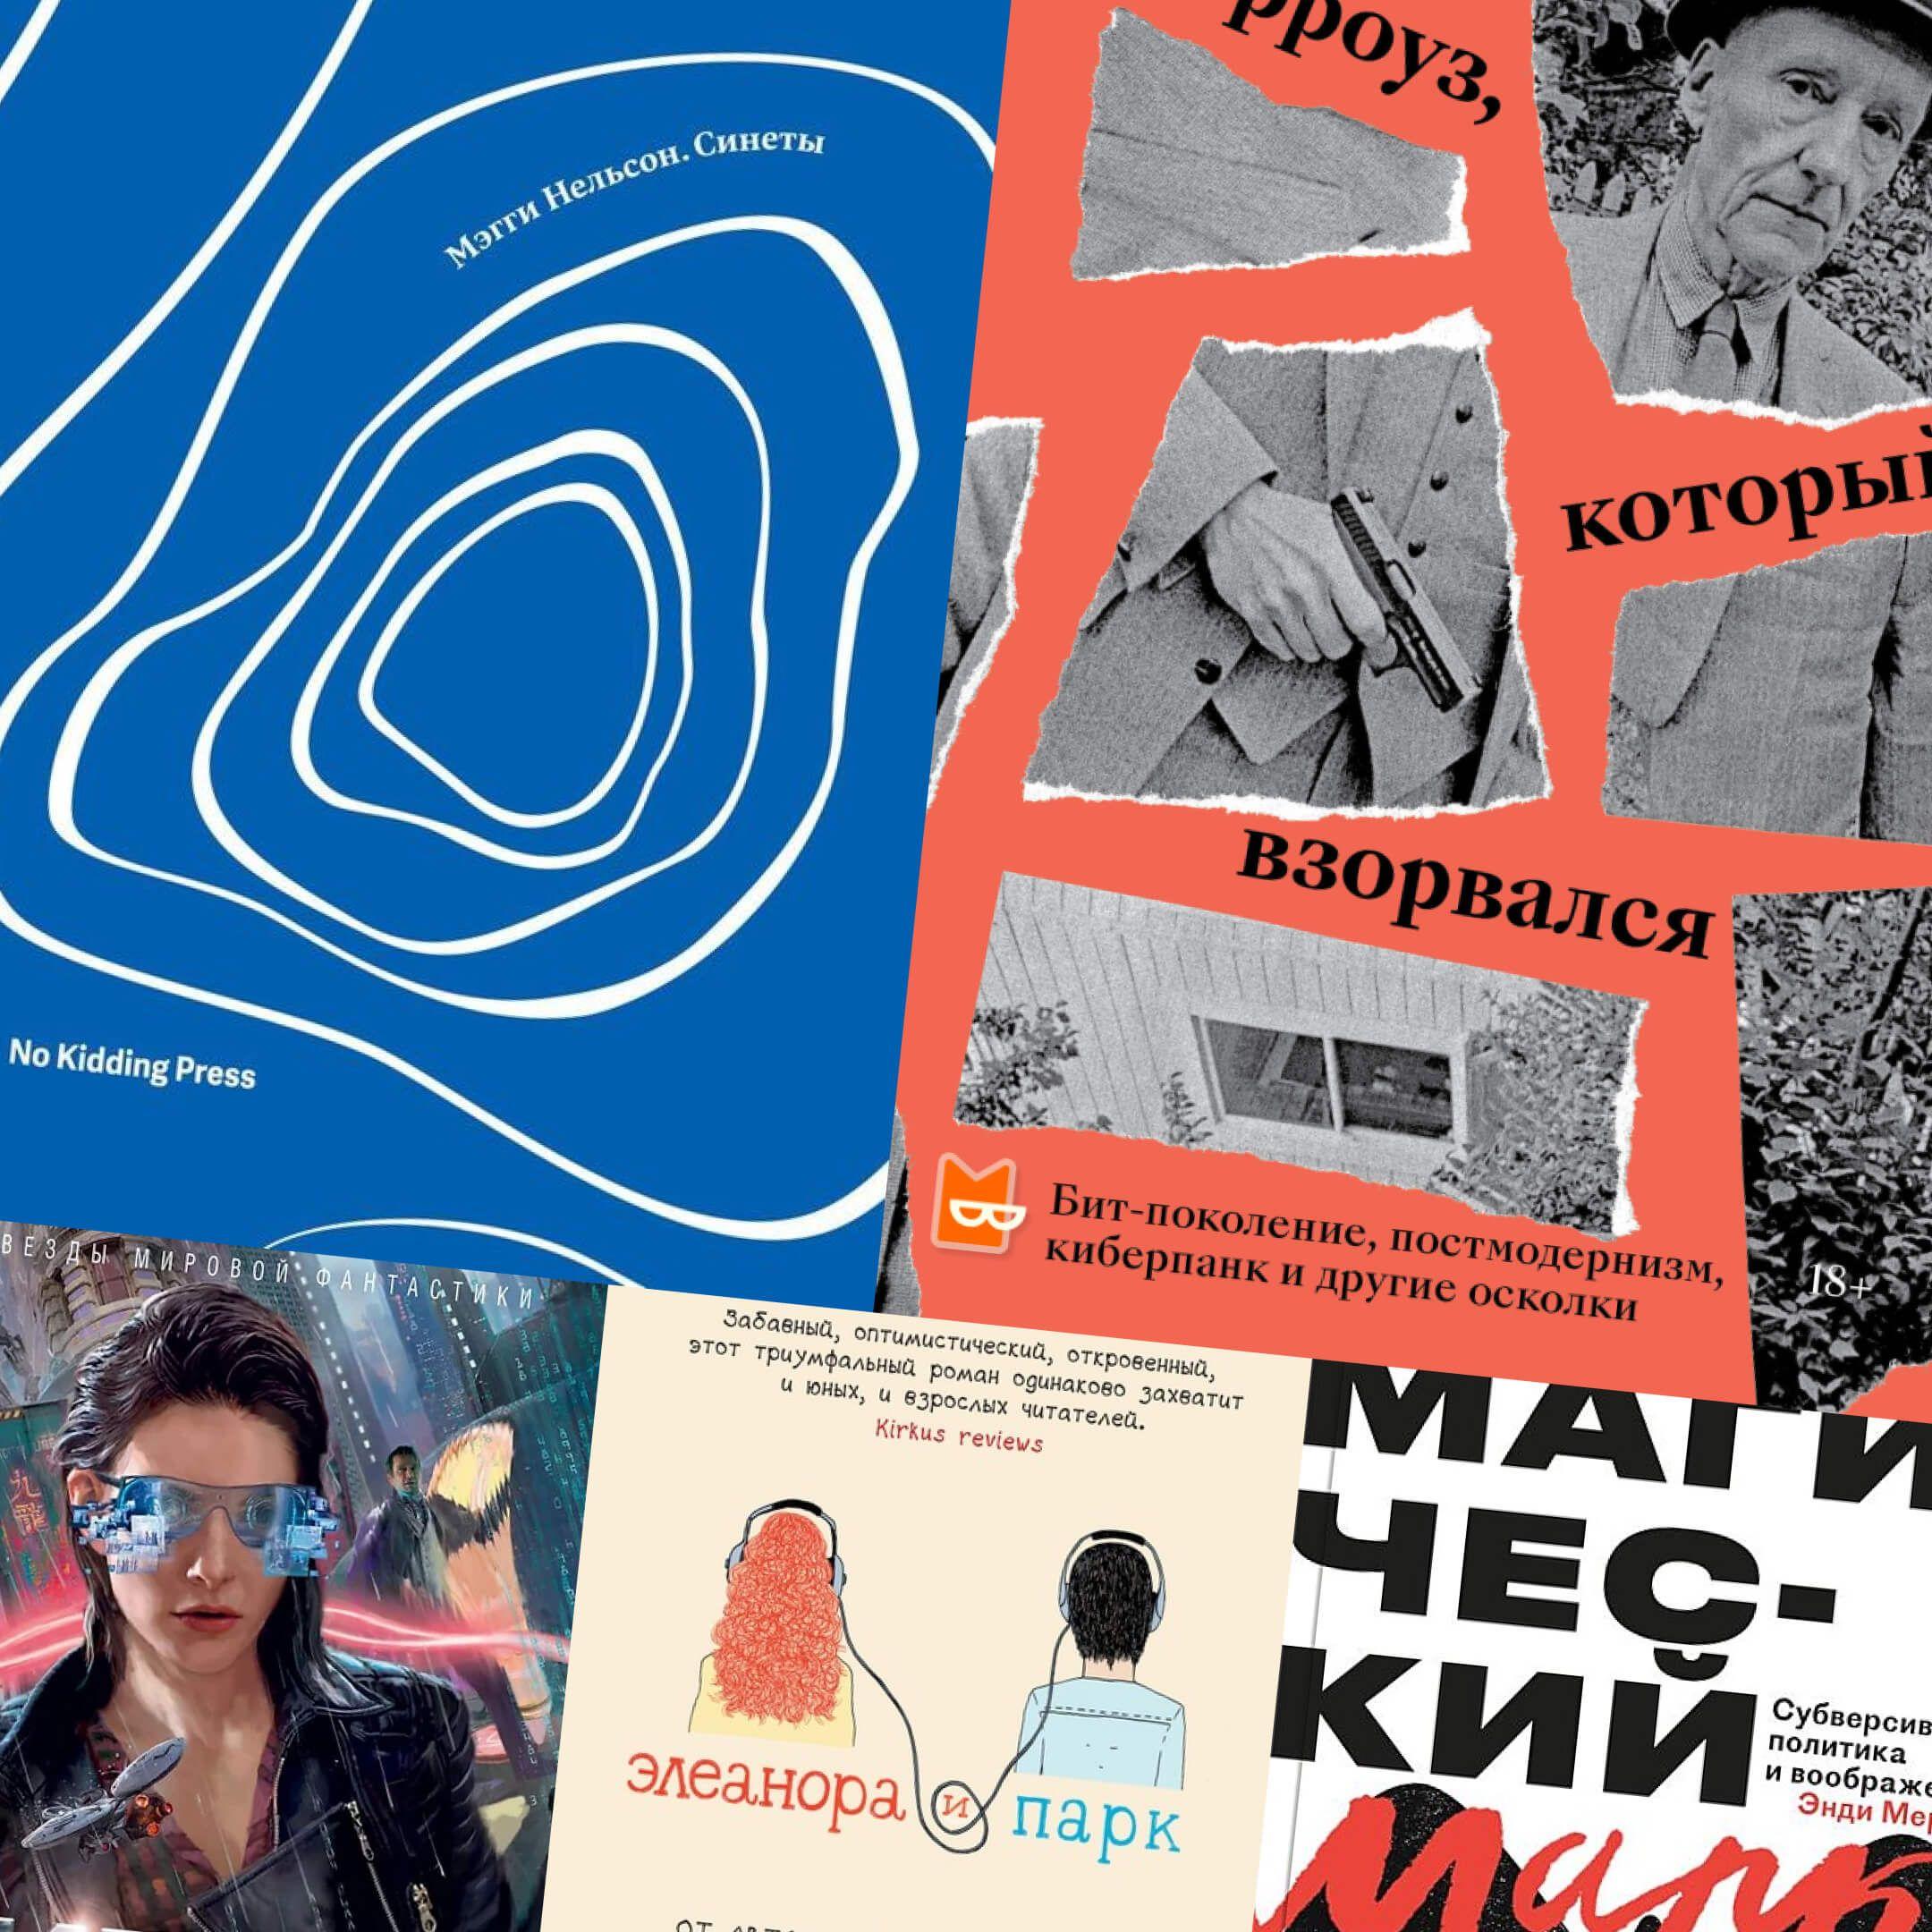 Обложки книг «Синеты» Мэгги Нельсон, «Берроуз, который взорвался» Дмитрия Хаустова, «Агент влияния» Уильяма Гибсона, «Элеанора иПарк» Рейнбоу Рауэлл, «Магический марксизм» Энди Мерифилд